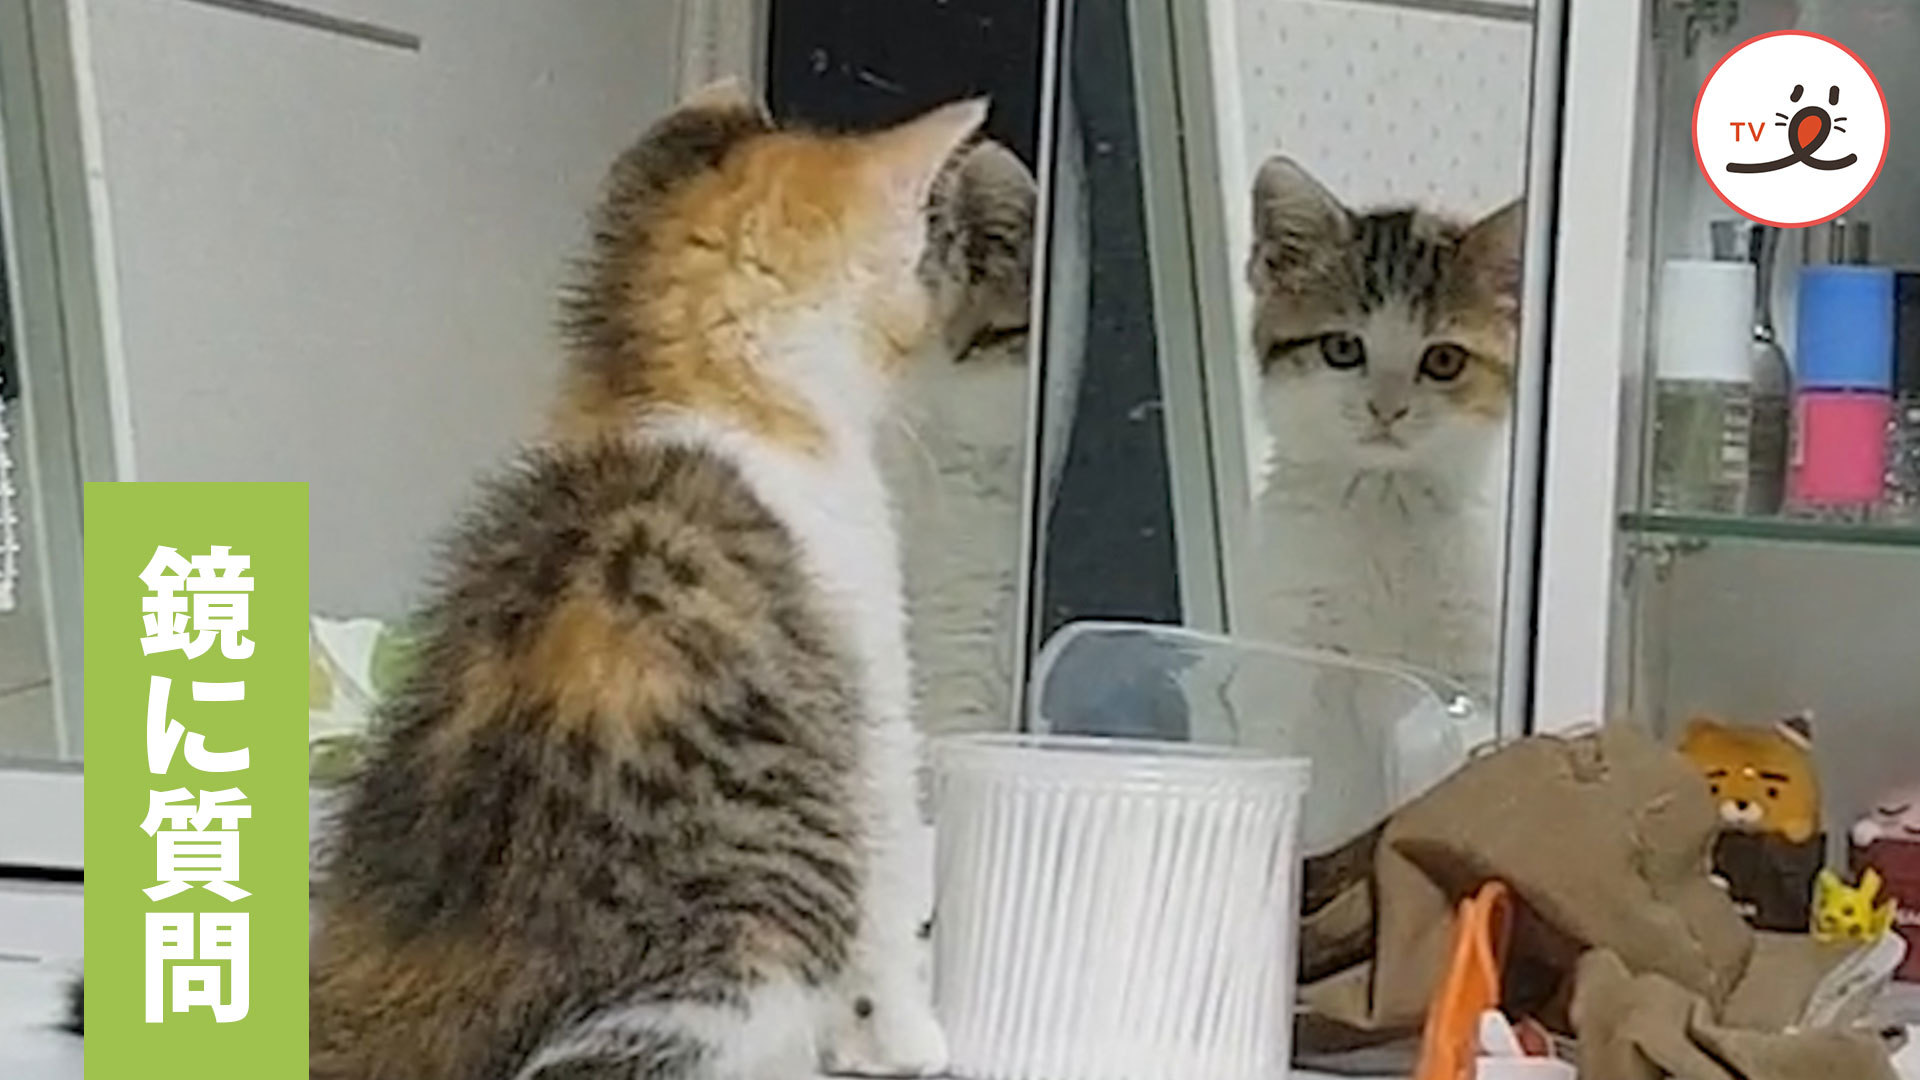 鏡よ鏡よ鏡さん…子猫の質問に、鏡は答えてくれるのでしょうか?🐱💕